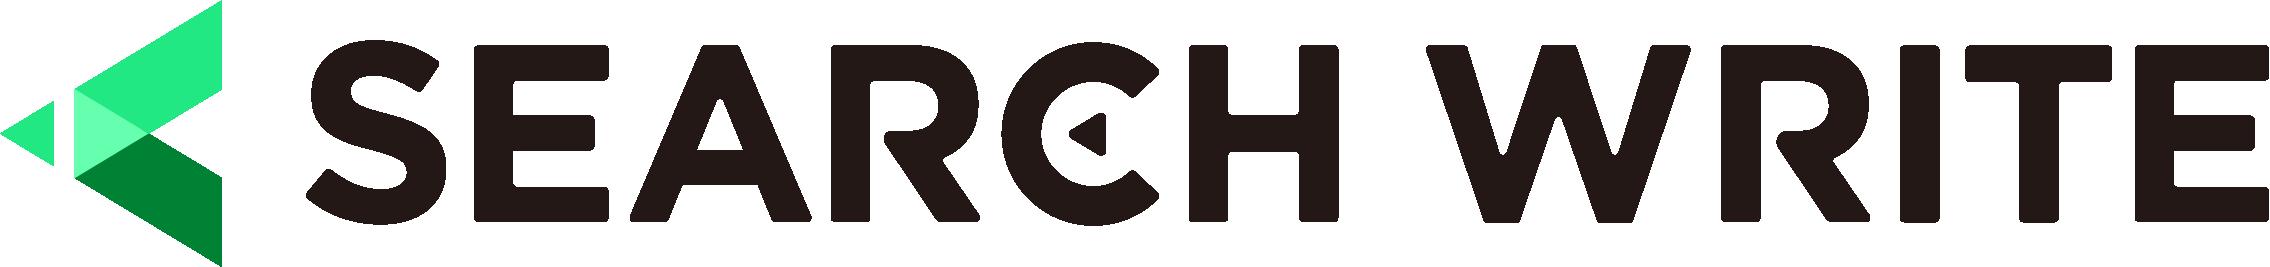 ロゴ:株式会社PLAN-B(SEARCH WRIT)